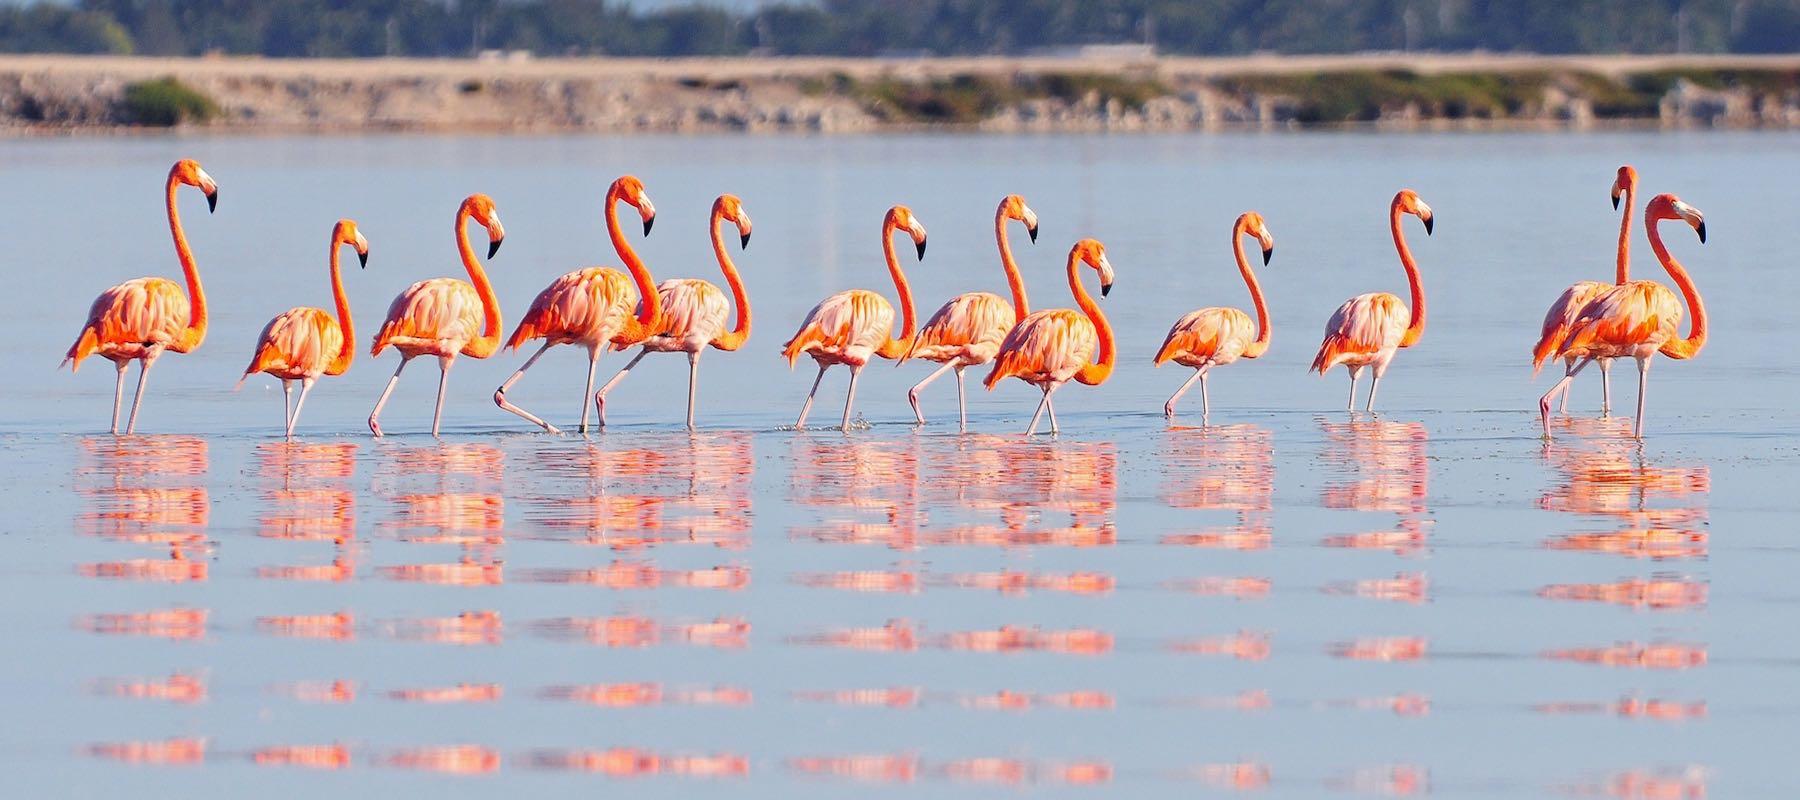 Flamingo Rio Lagartos ORIG copy 2